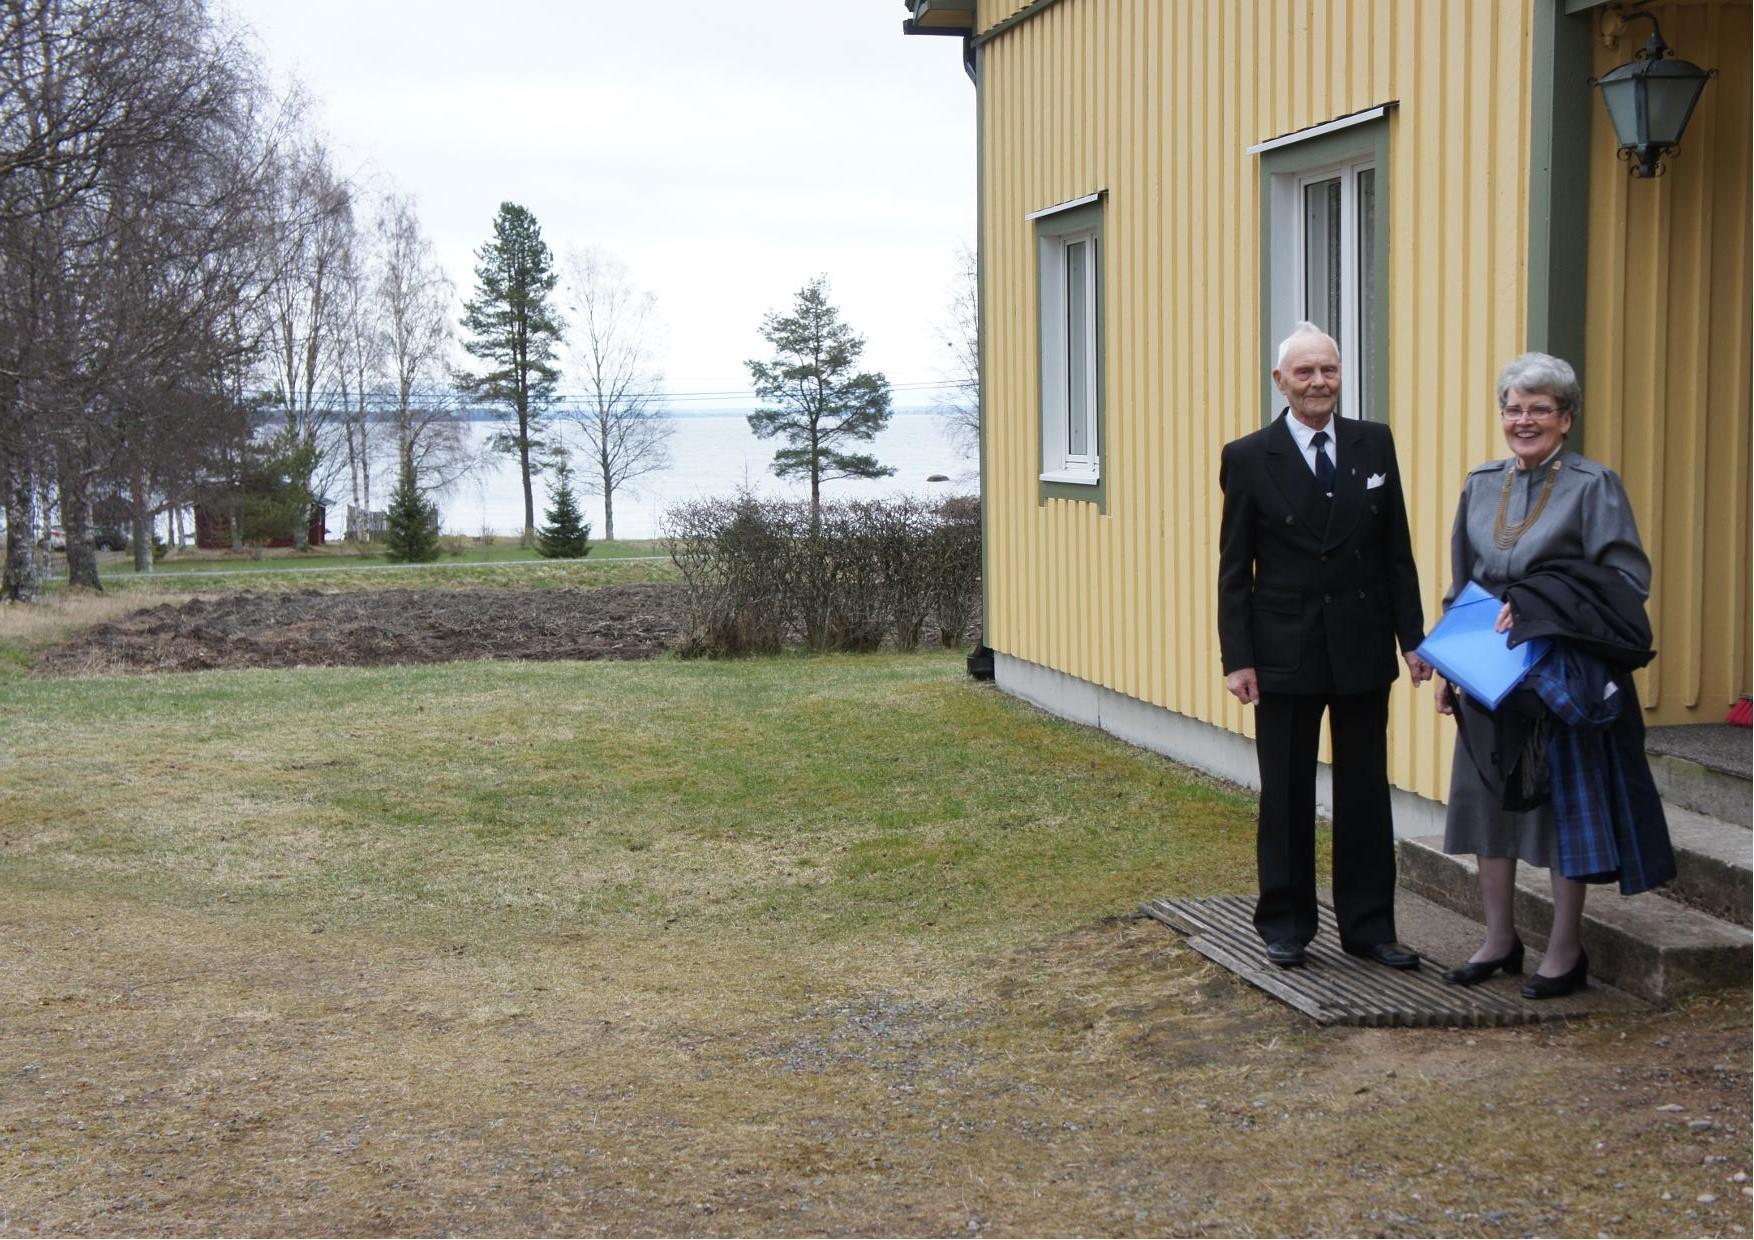 Arre ja Kerttu Öörni asuvat kauniilla paikalla aivan Lappajärven rannalla, lähellä on Aarren syntymäkoti ja lasten asunnot ja kesäasunnot.